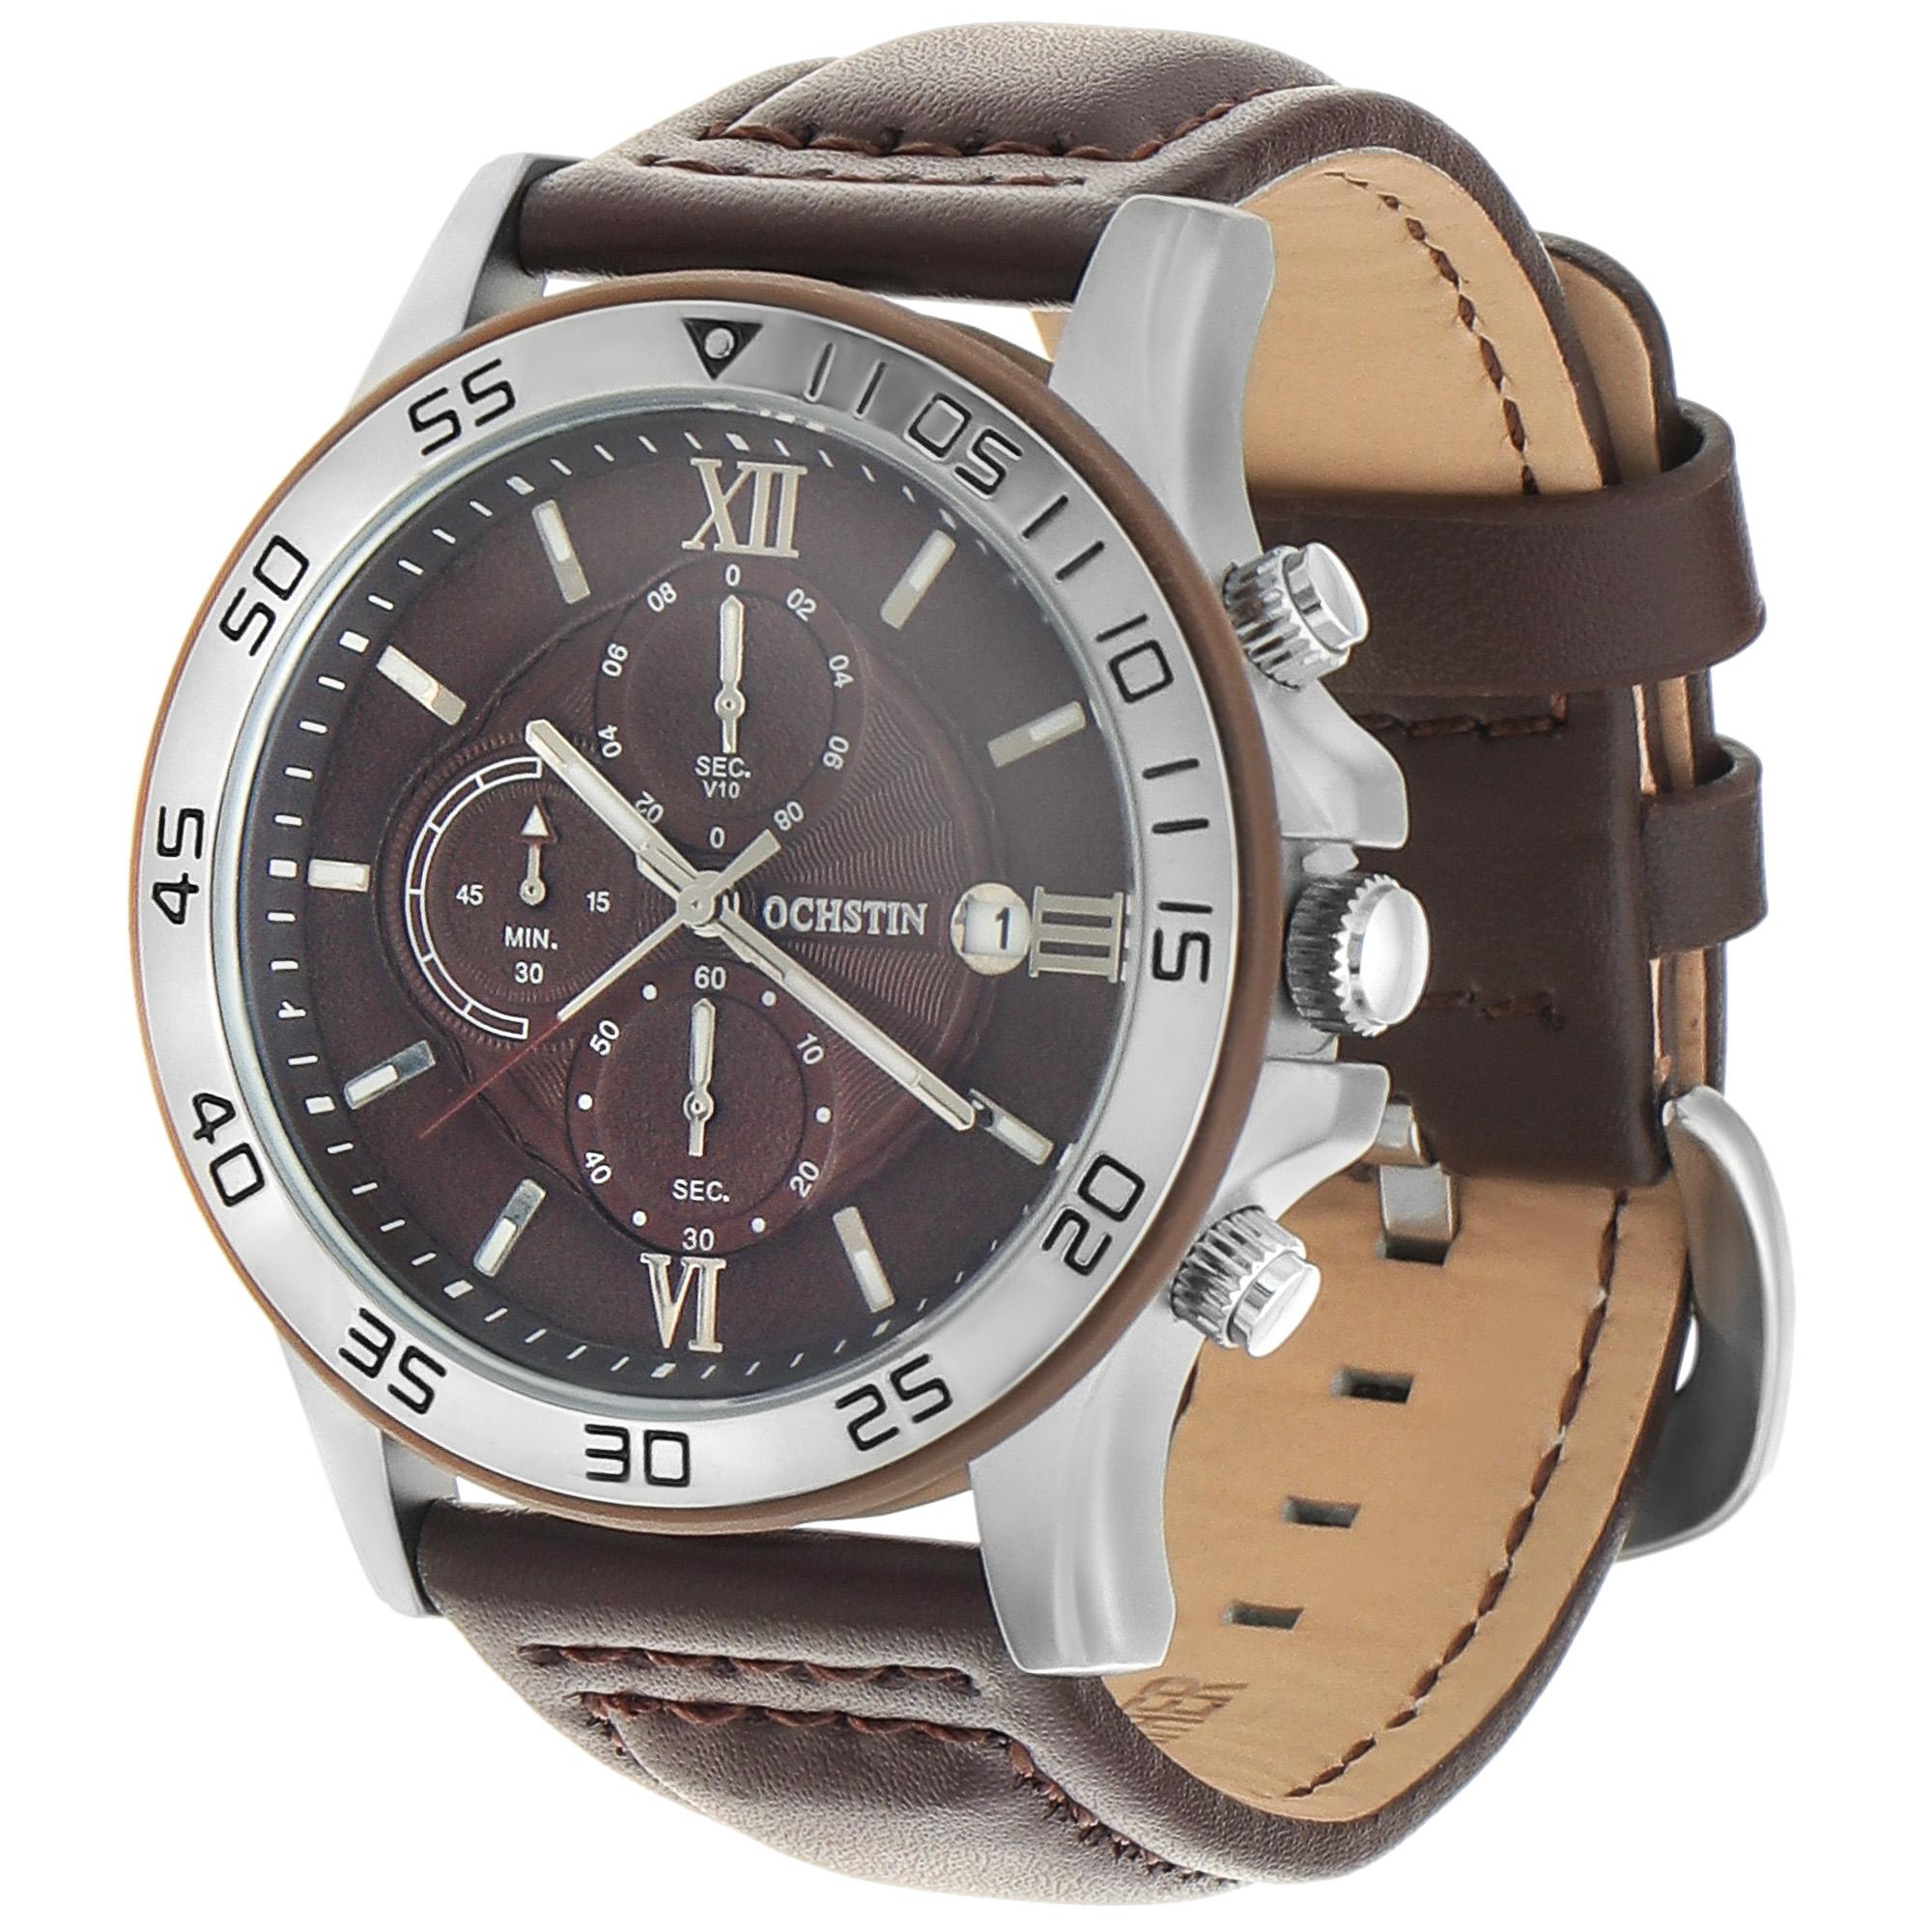 Часы наручные Ochstin AGSD461928 часы наручные shiyi watch ochstin agsda050119